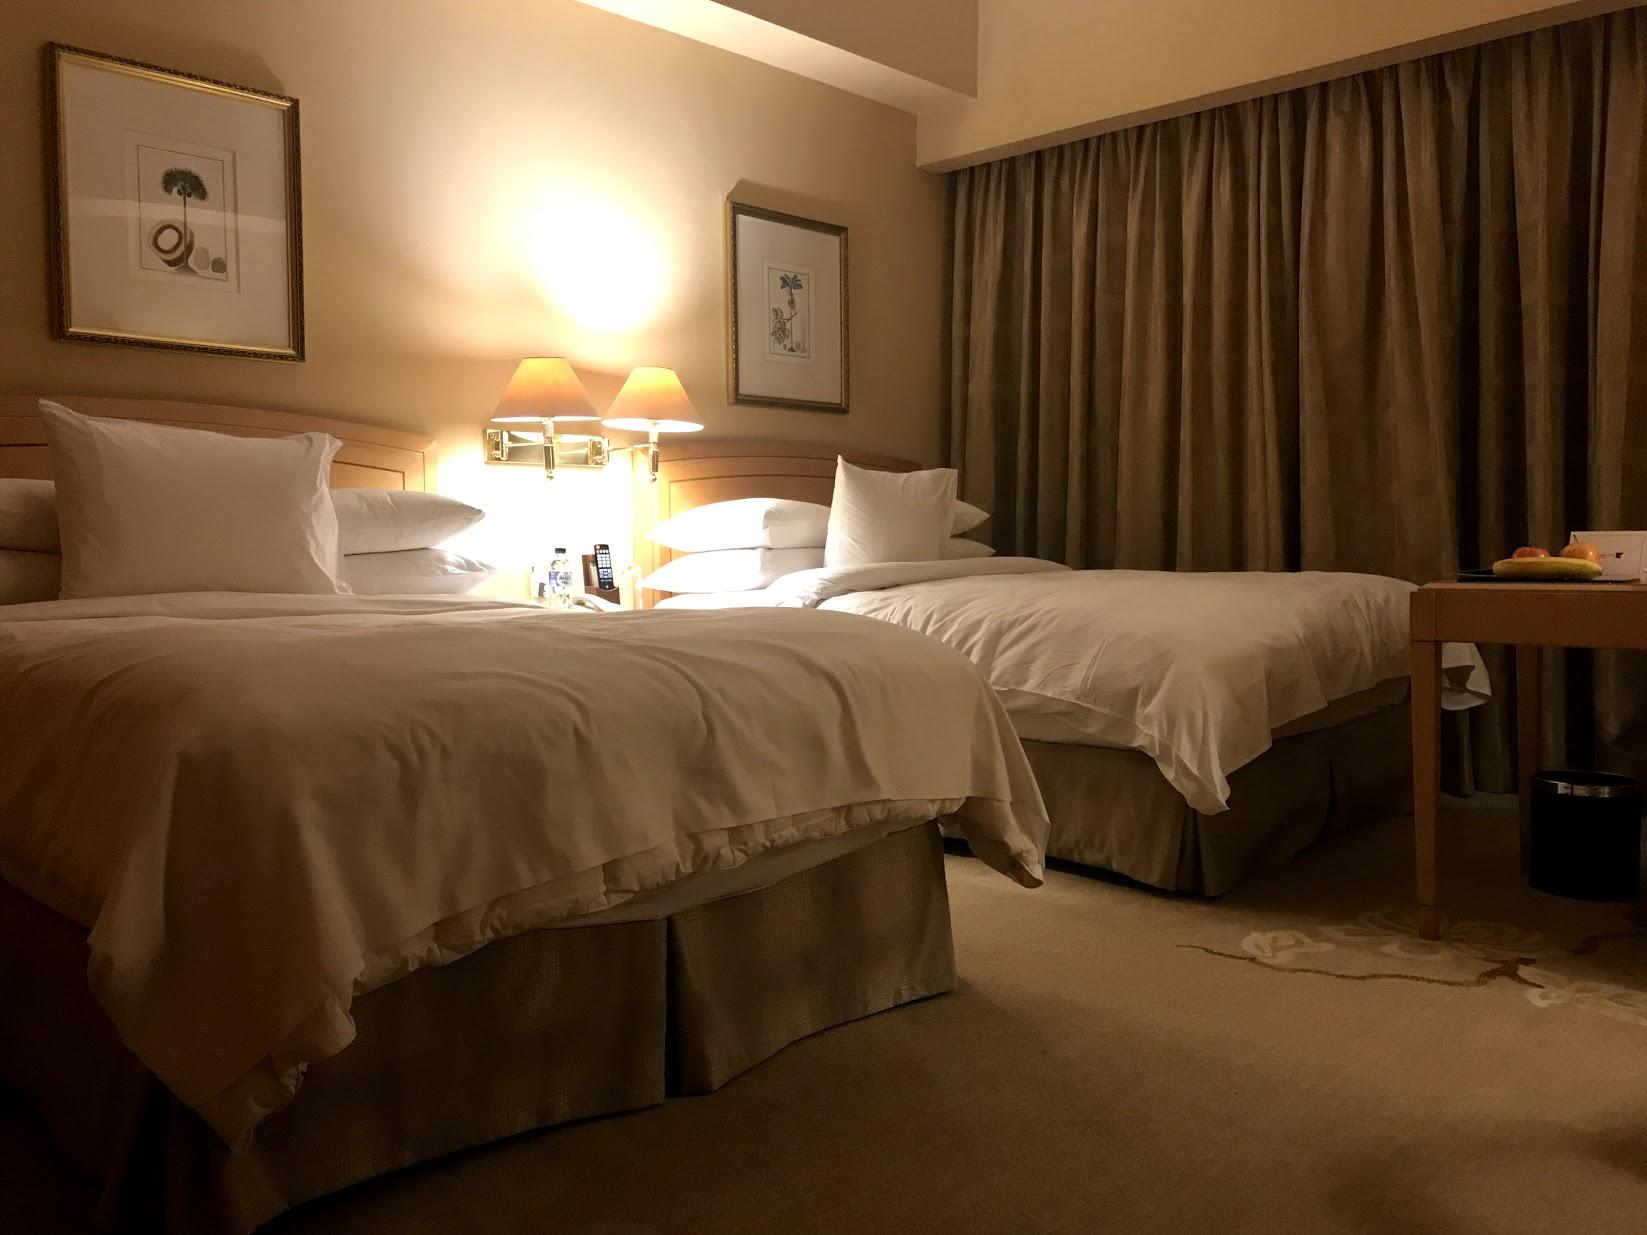 【ジャカルタ03】ホテルで小休憩して男のユートピア「1001」に向かおう!